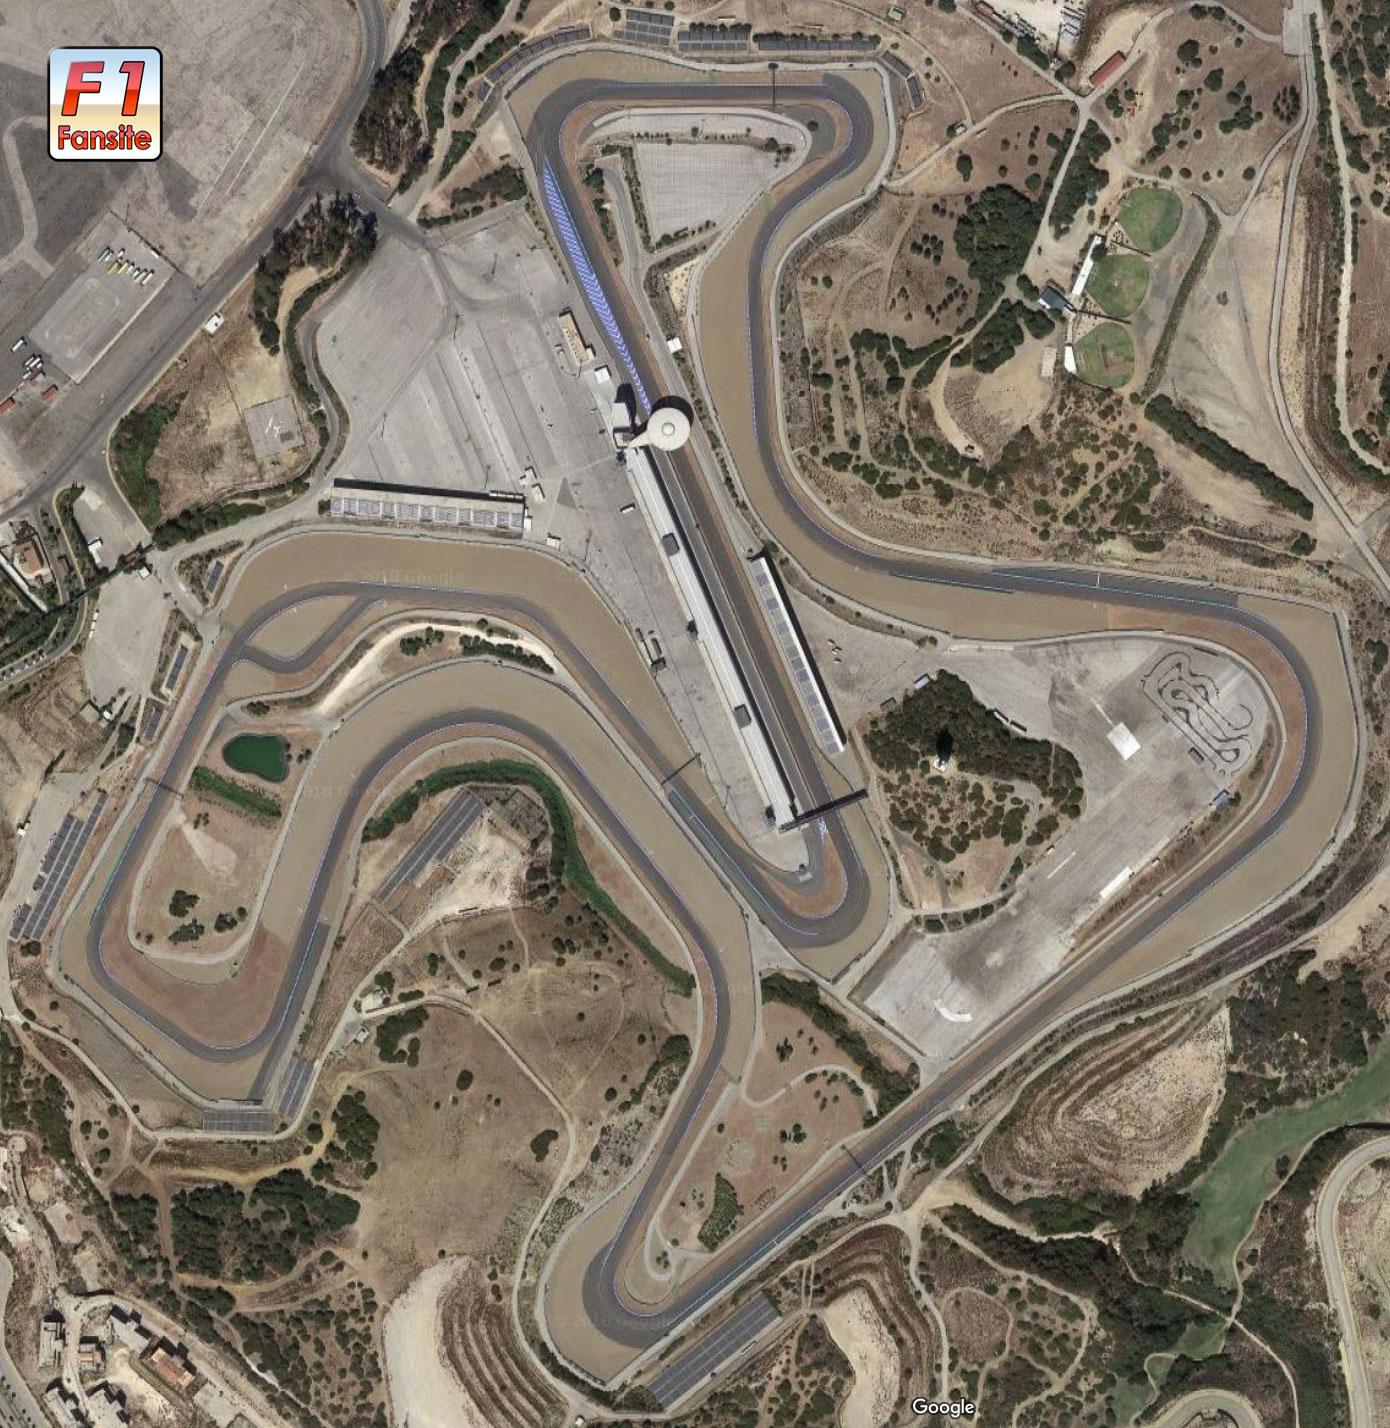 Jerez circuit layout